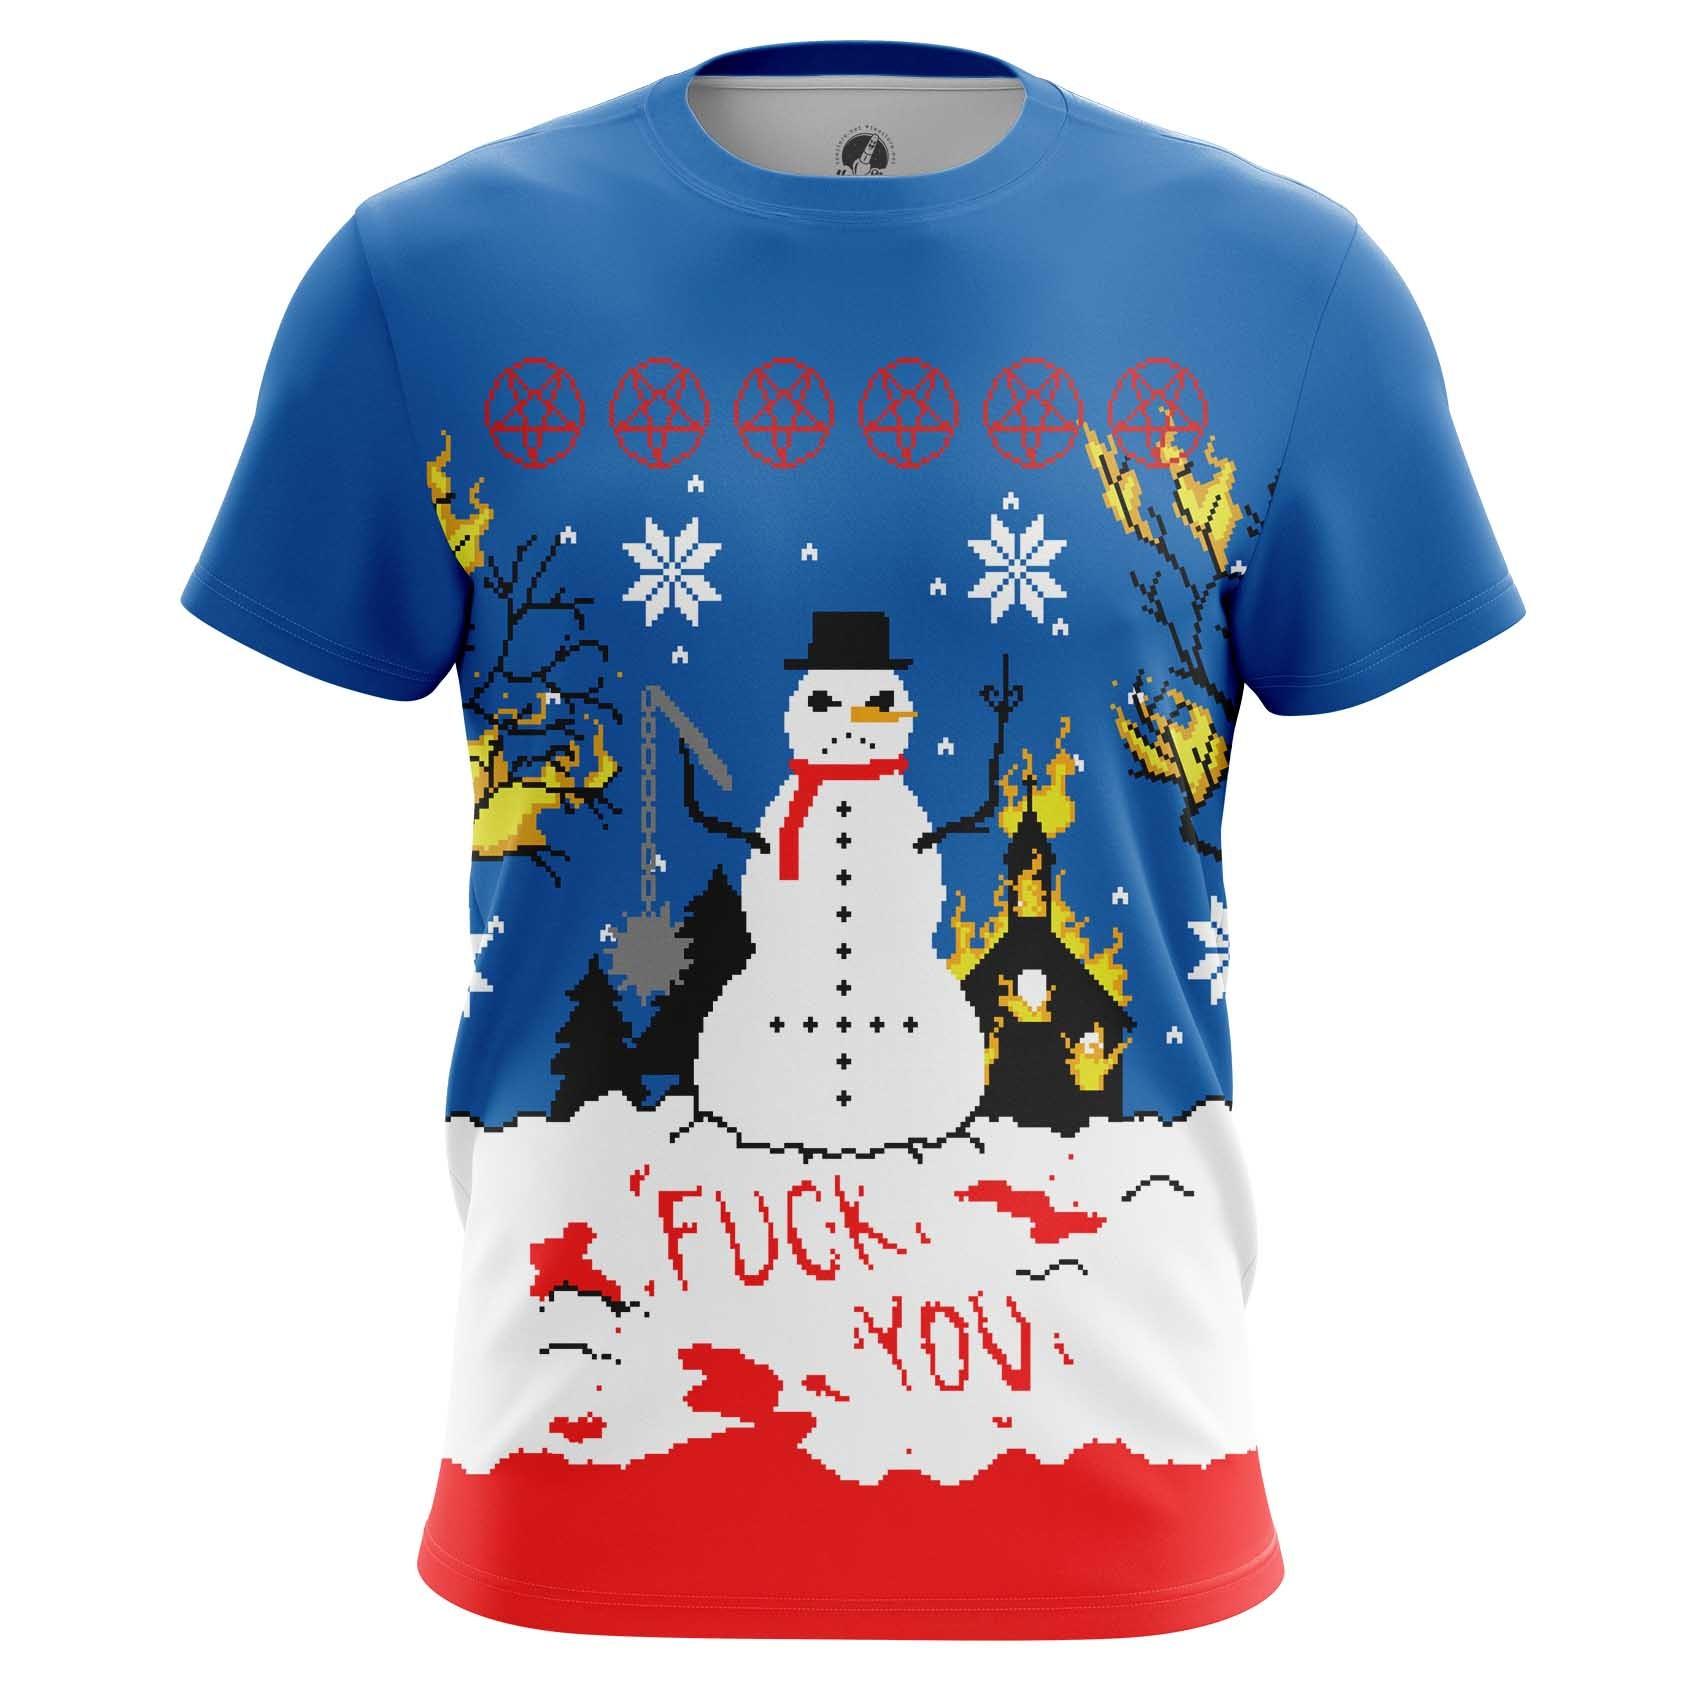 Collectibles Long Sleeve Christmas Of White Snowman Satan Killer